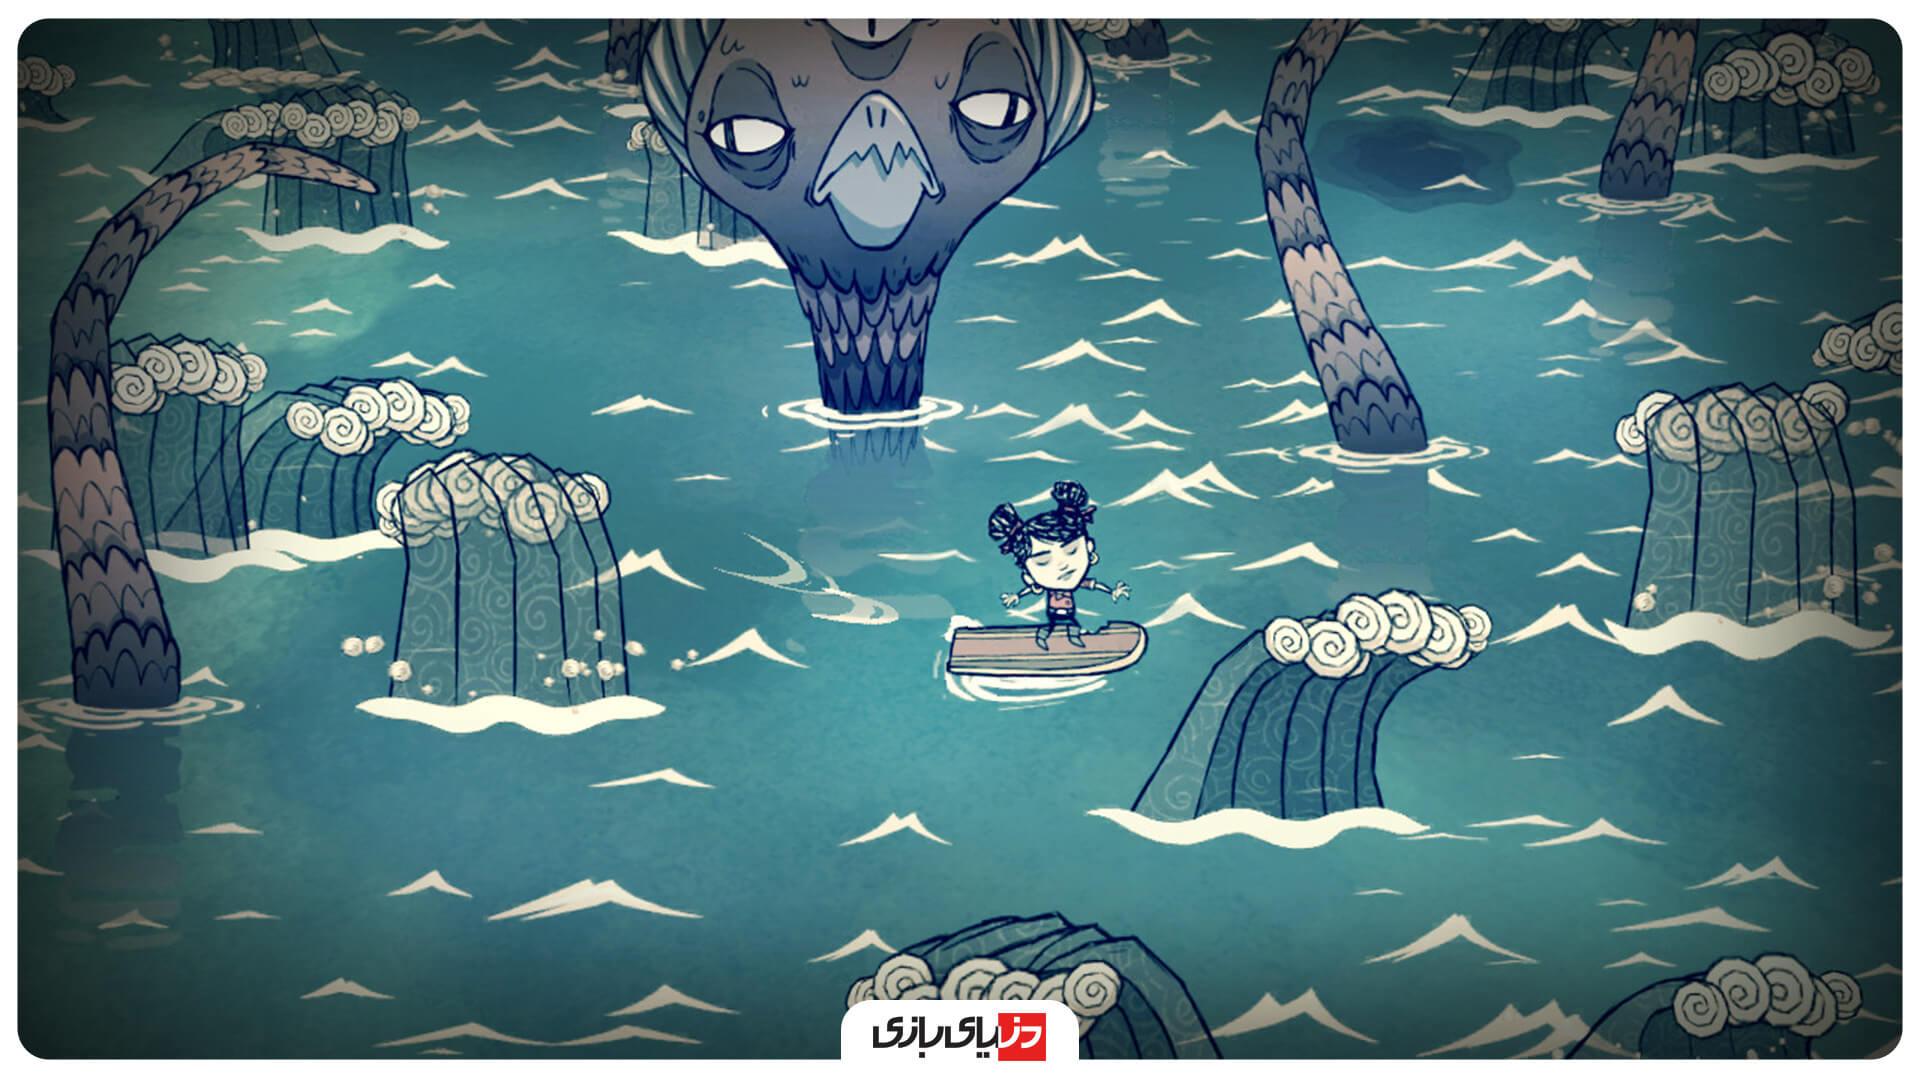 بازی Don't Starve: Shipwrecked